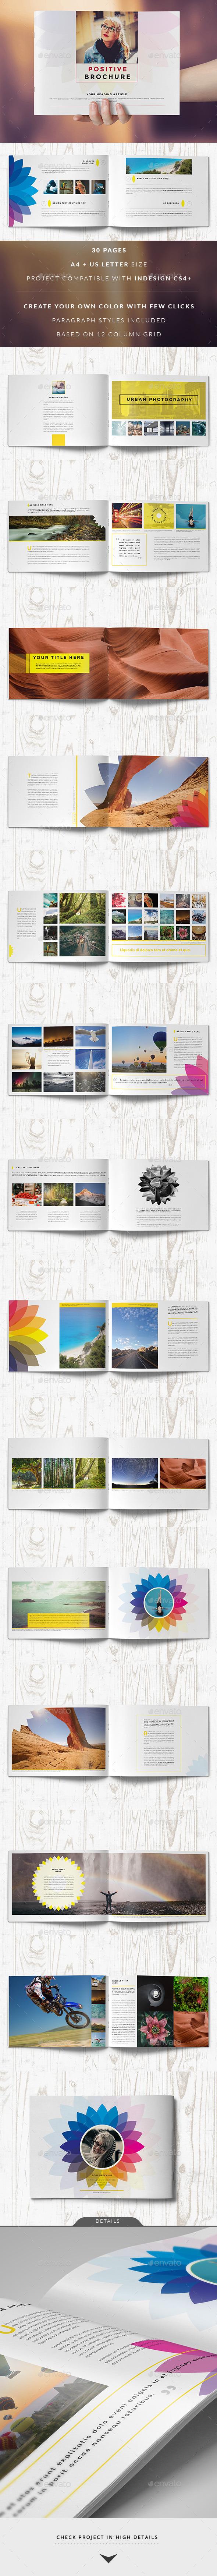 Positive Color Brochure - Photo Albums Print Templates